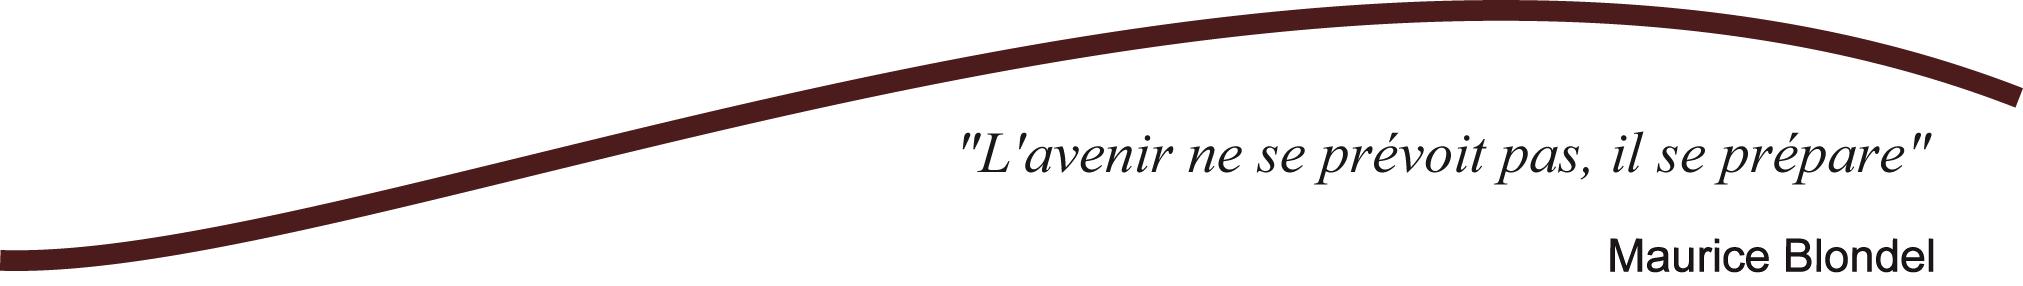 Bien-aimé CO-MET, Conseil en orientation scolaire et professionnelle à Orléans LI09